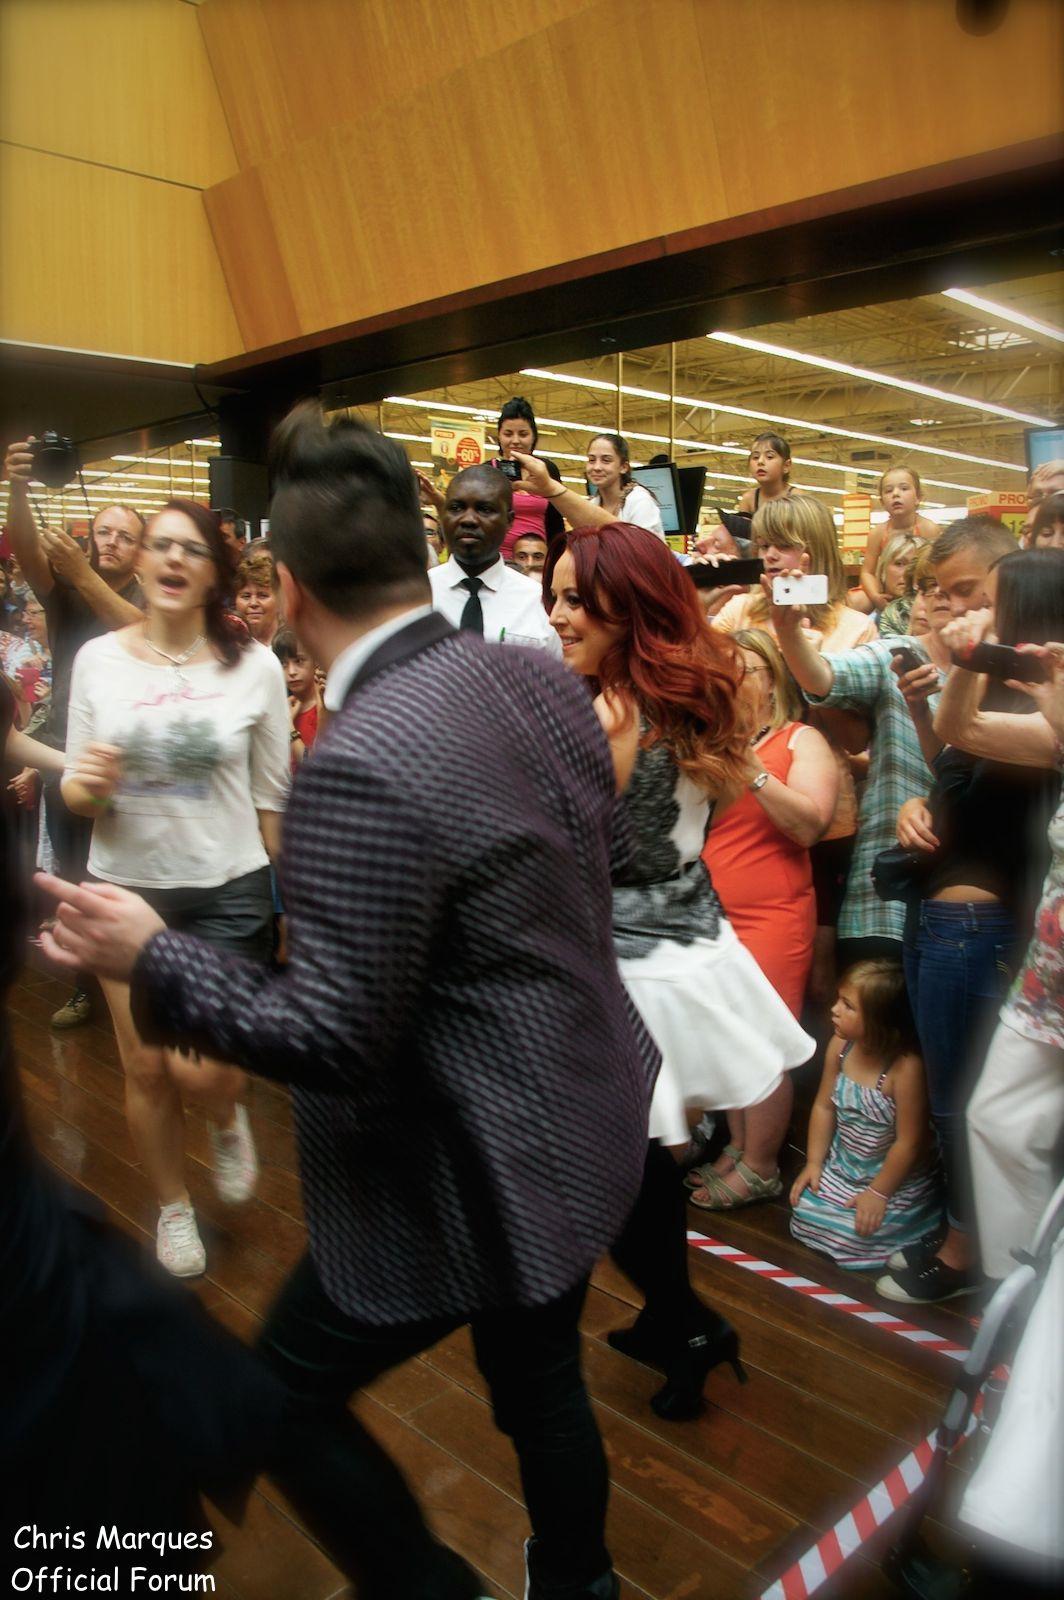 [14.06.2014] Evénement à #Colmar Chris Marques et Jaclyn Spencer pour un Flashmob/Cours de Danse/Dédicaces exceptionnels le tout organisé par la MJC de Colmar 1712